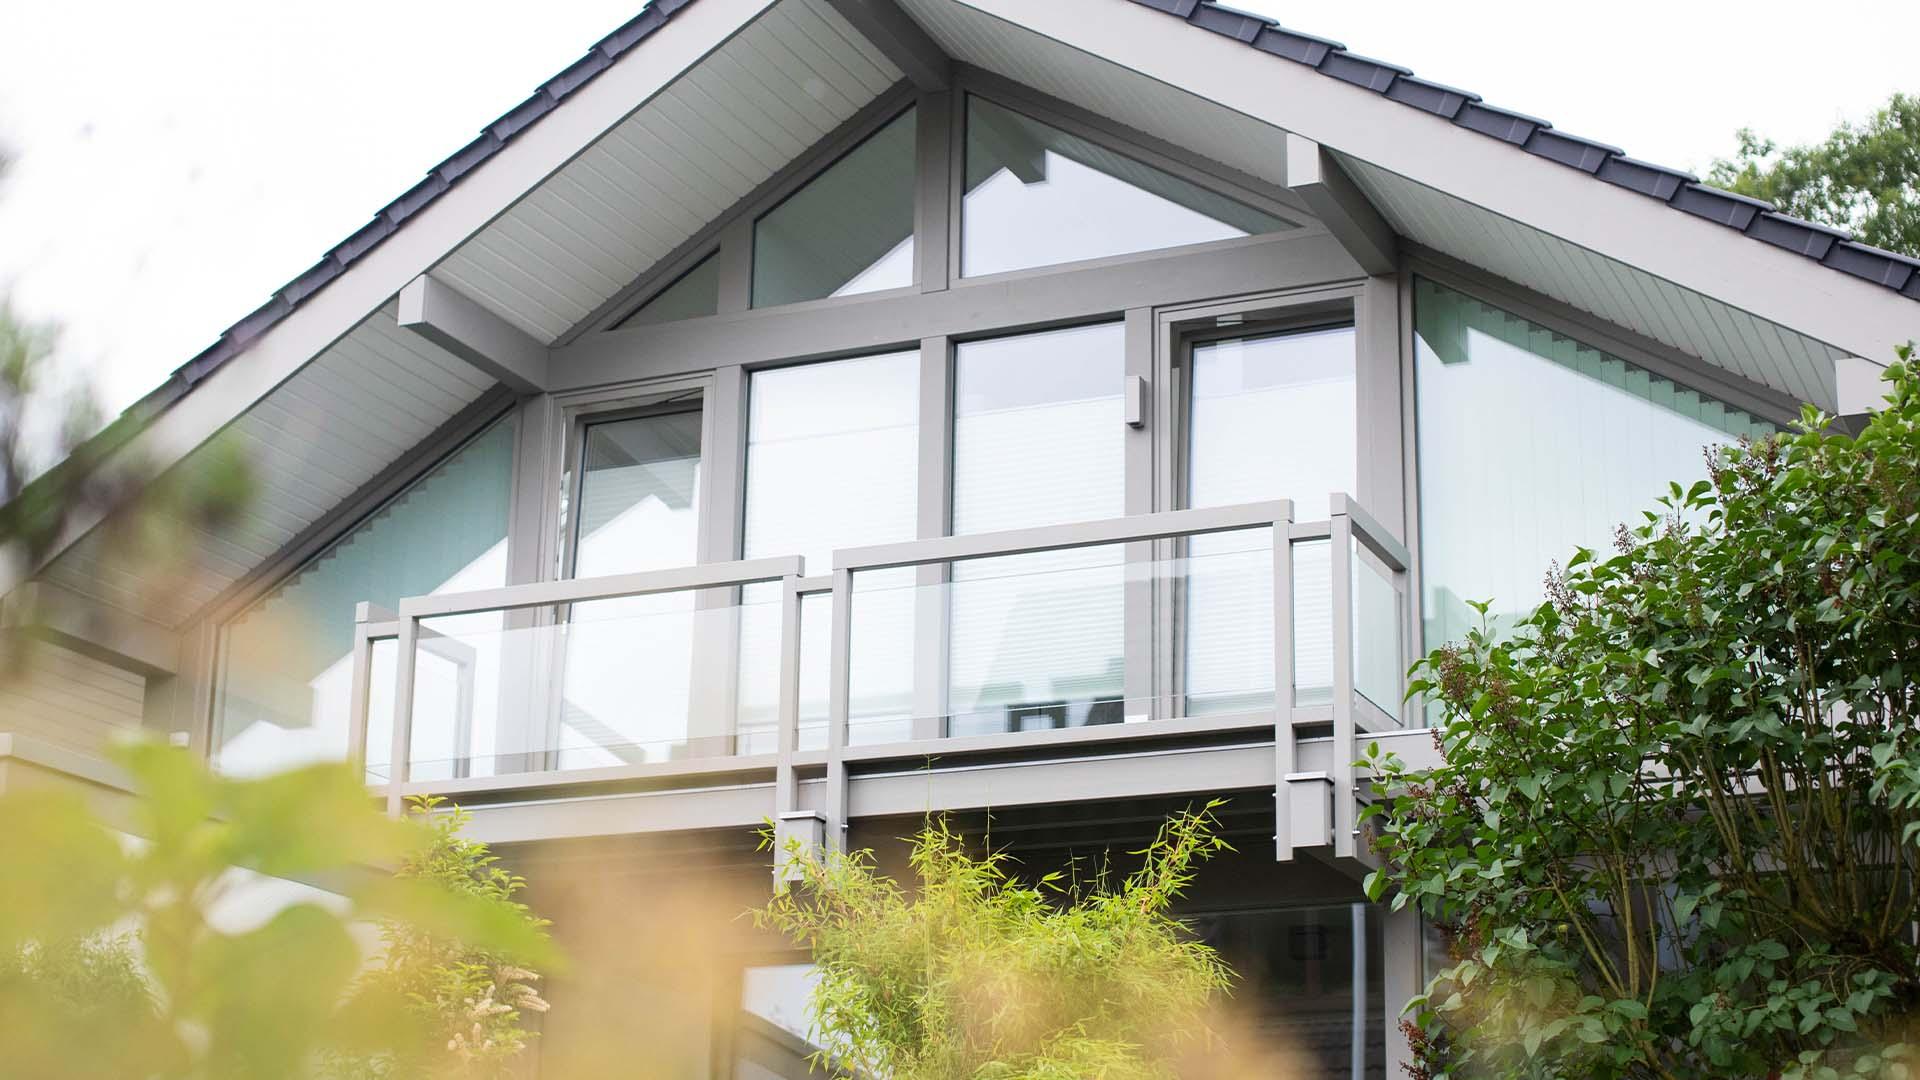 Detmolder Fachwerkhaus – Fenster und Verglasung 03